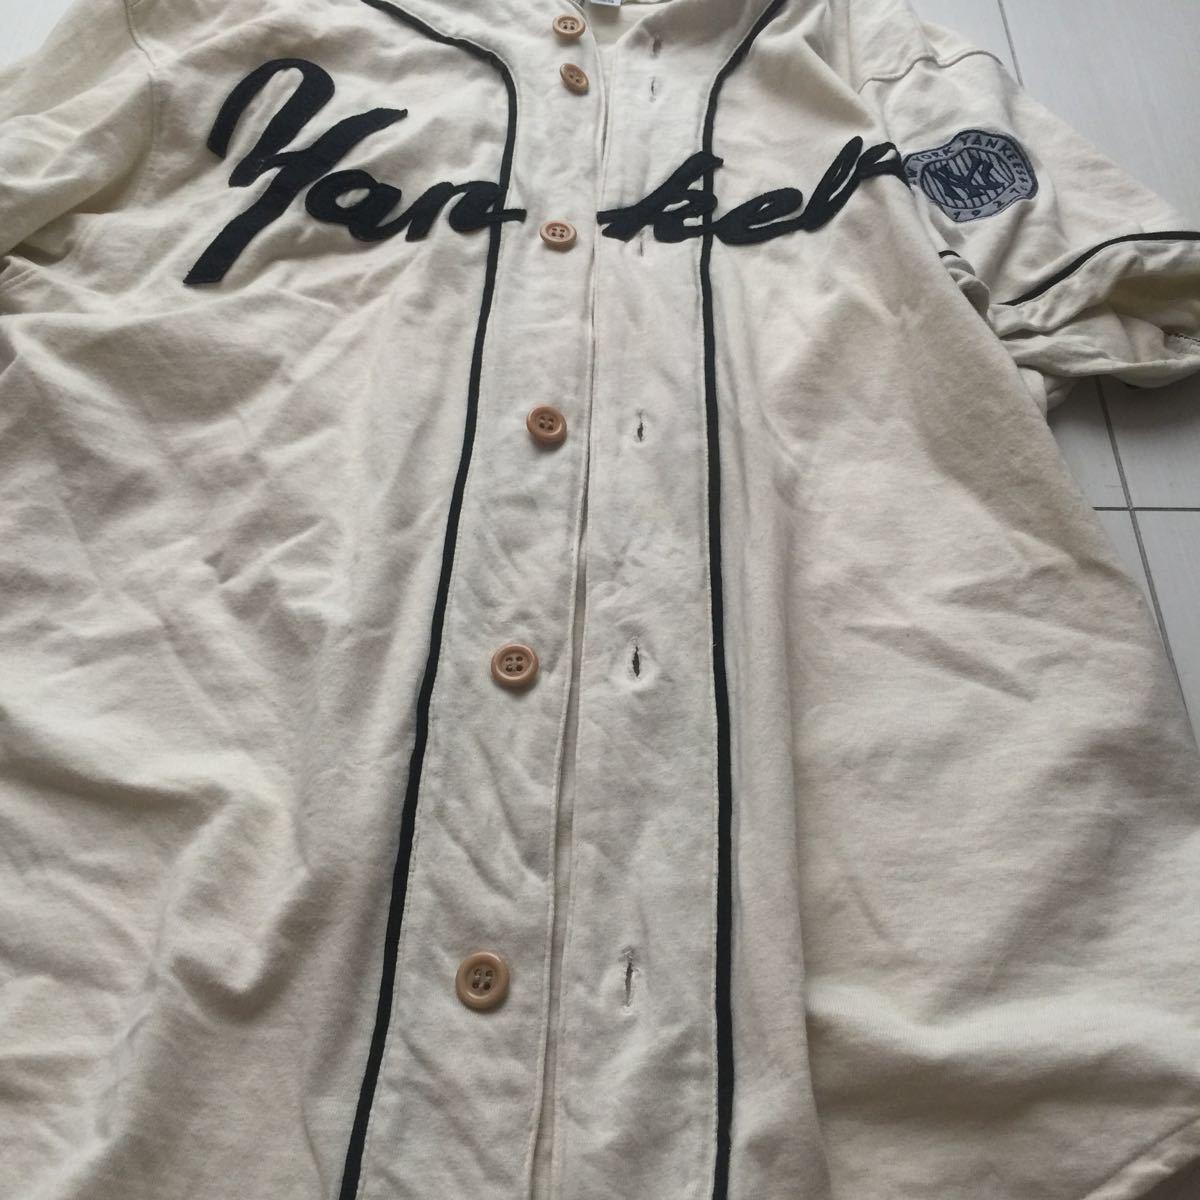 送料無料 coopers town baseball shirt new york yankees クーパーズタウン ヤンキース ベースボールシャツ old オールド 1927 vintage MLB_画像8